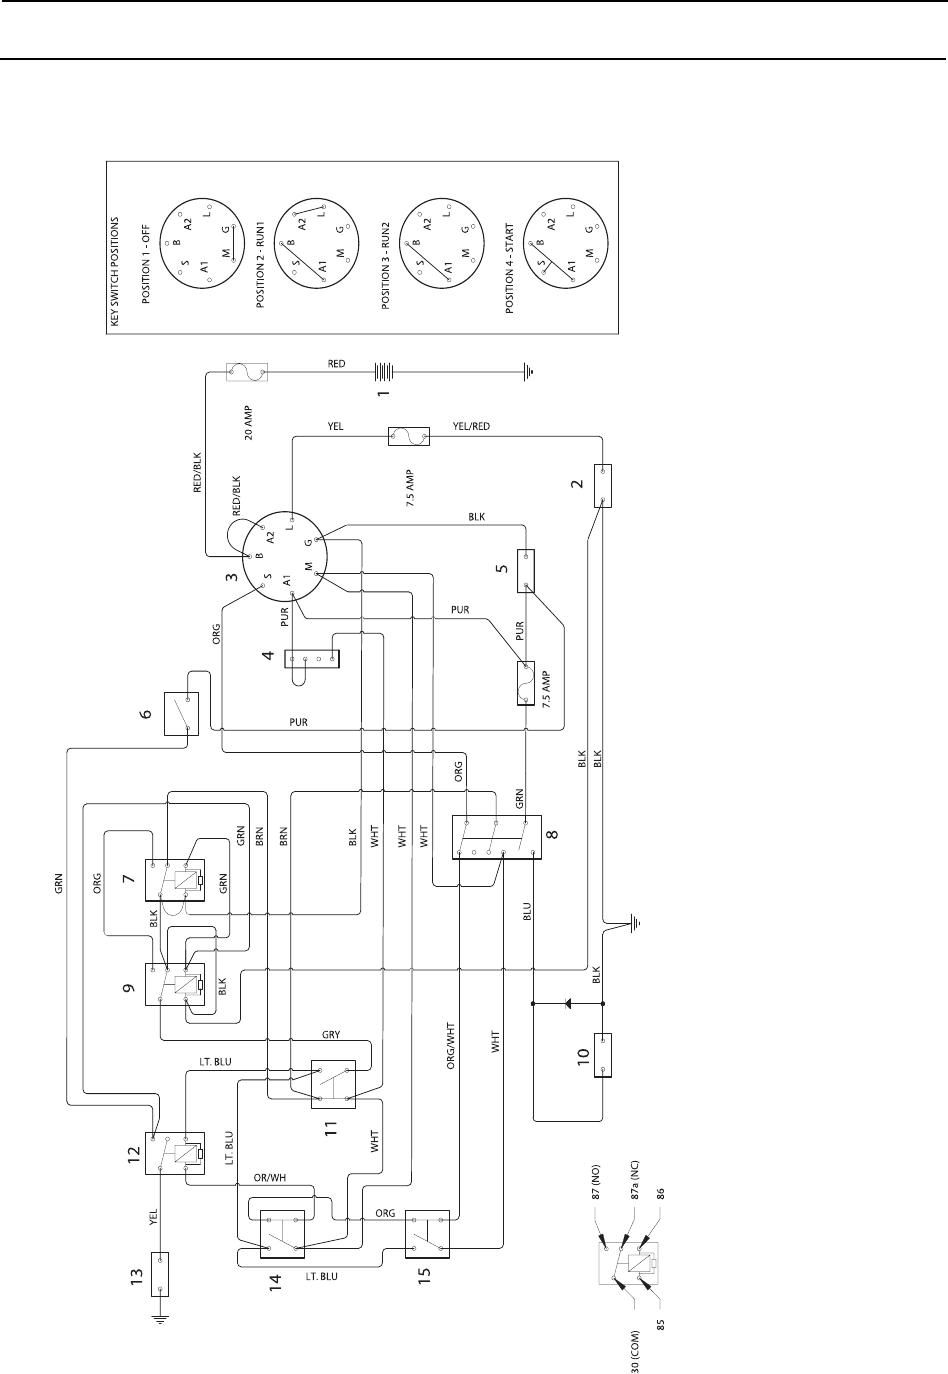 Poulan Pro 925 Zx 950 Op Manualih User Manual To The 43048af1 Riding Lawn Mower Wiring Diagram English 60 Diagrams